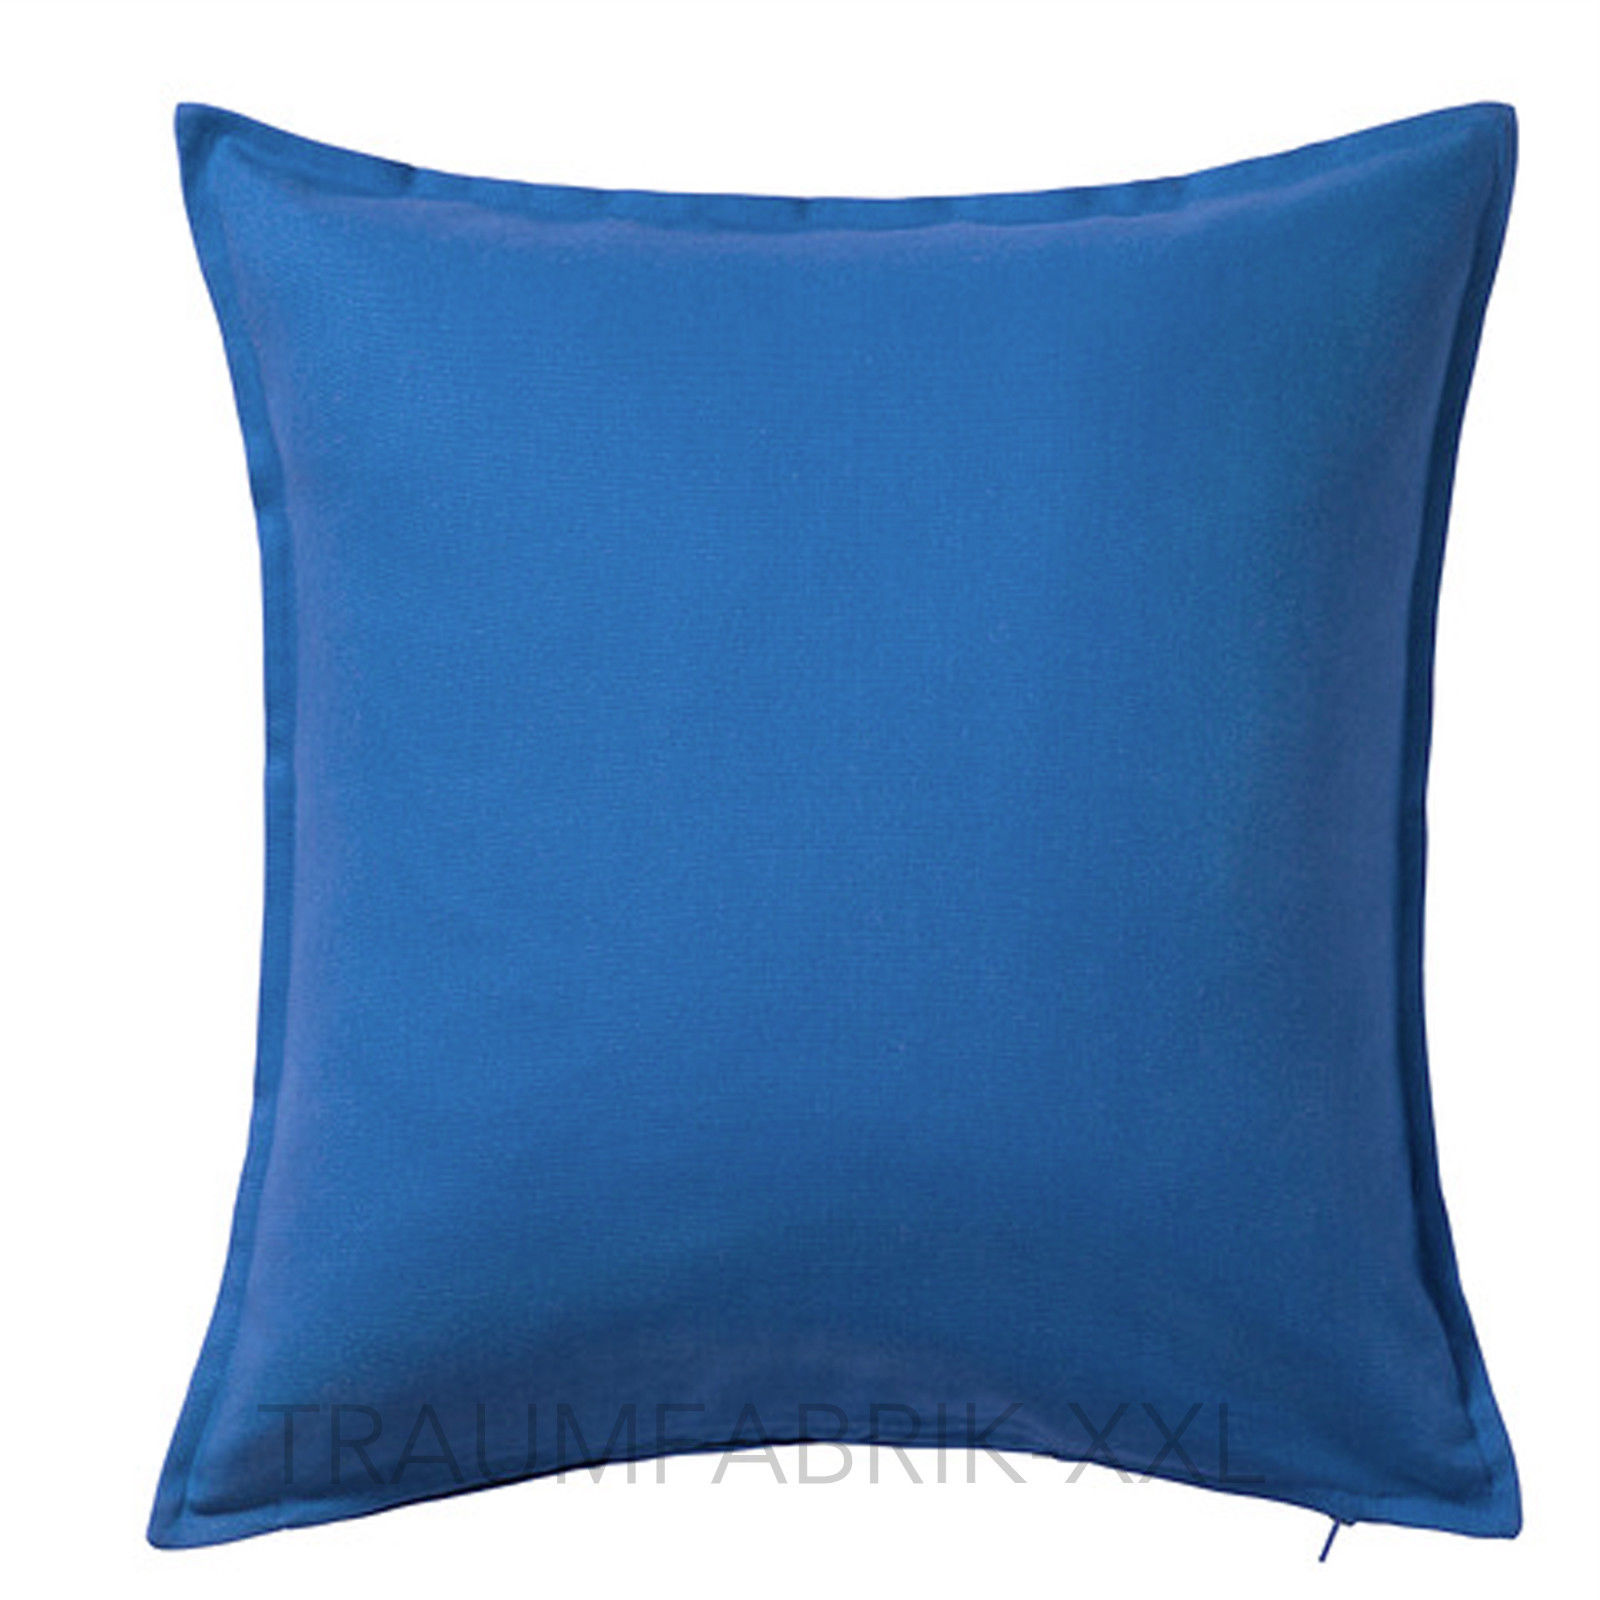 Ikea Gurli Kissenhülle Blau Dekokissen Kissenbezug 5050 Cm Kissen